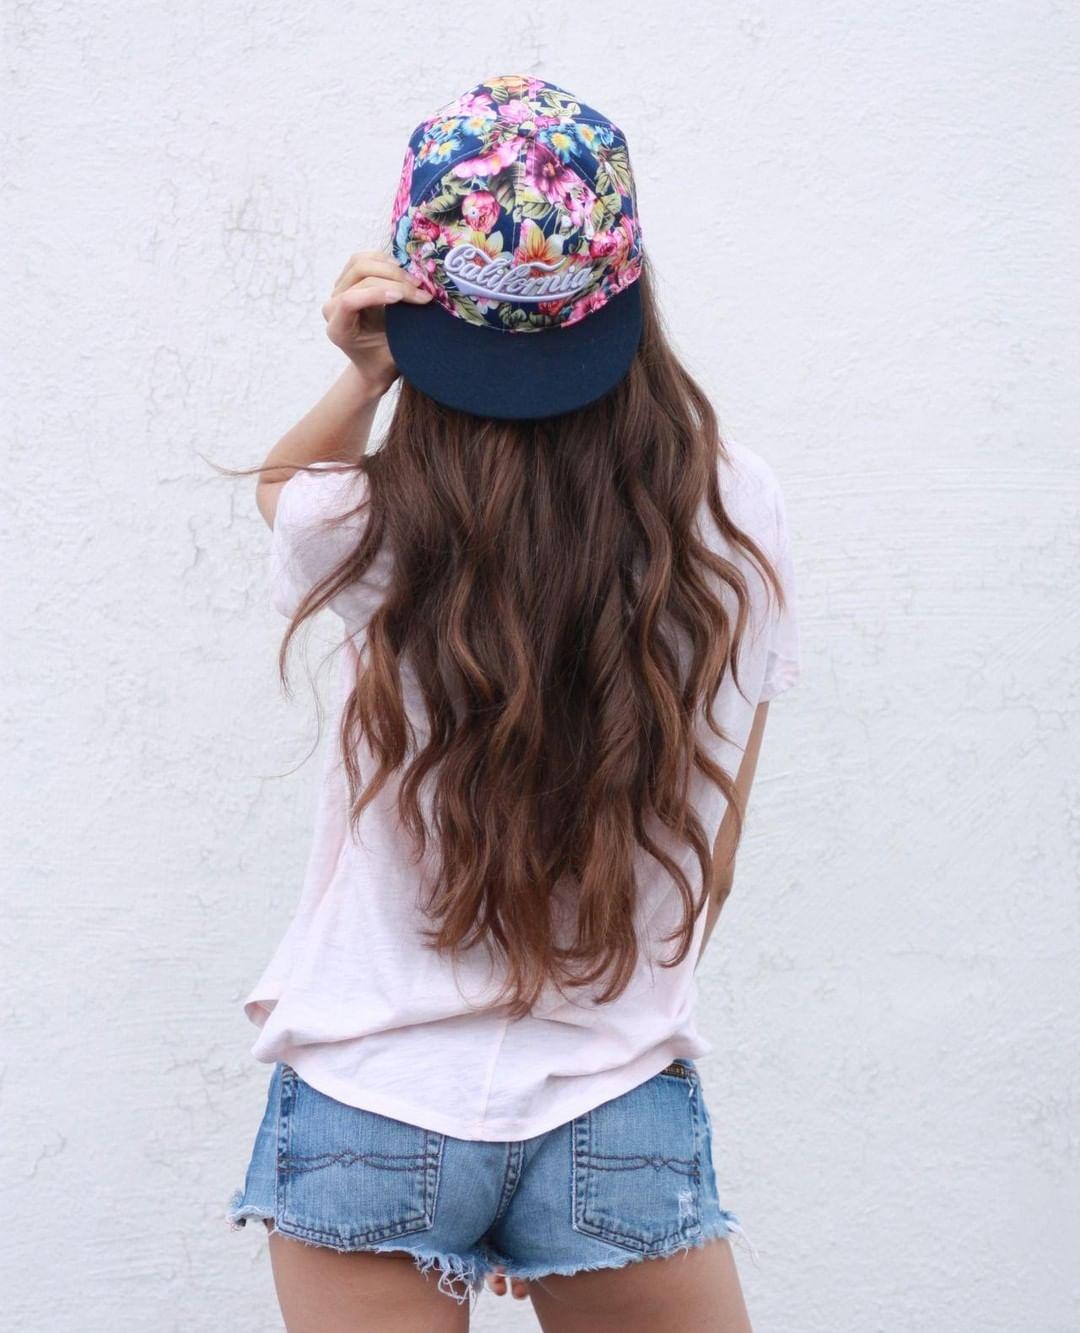 uốn tóc xoăn sẽ giúp mái tóc của bạn trở nên bồng bềnh hơn